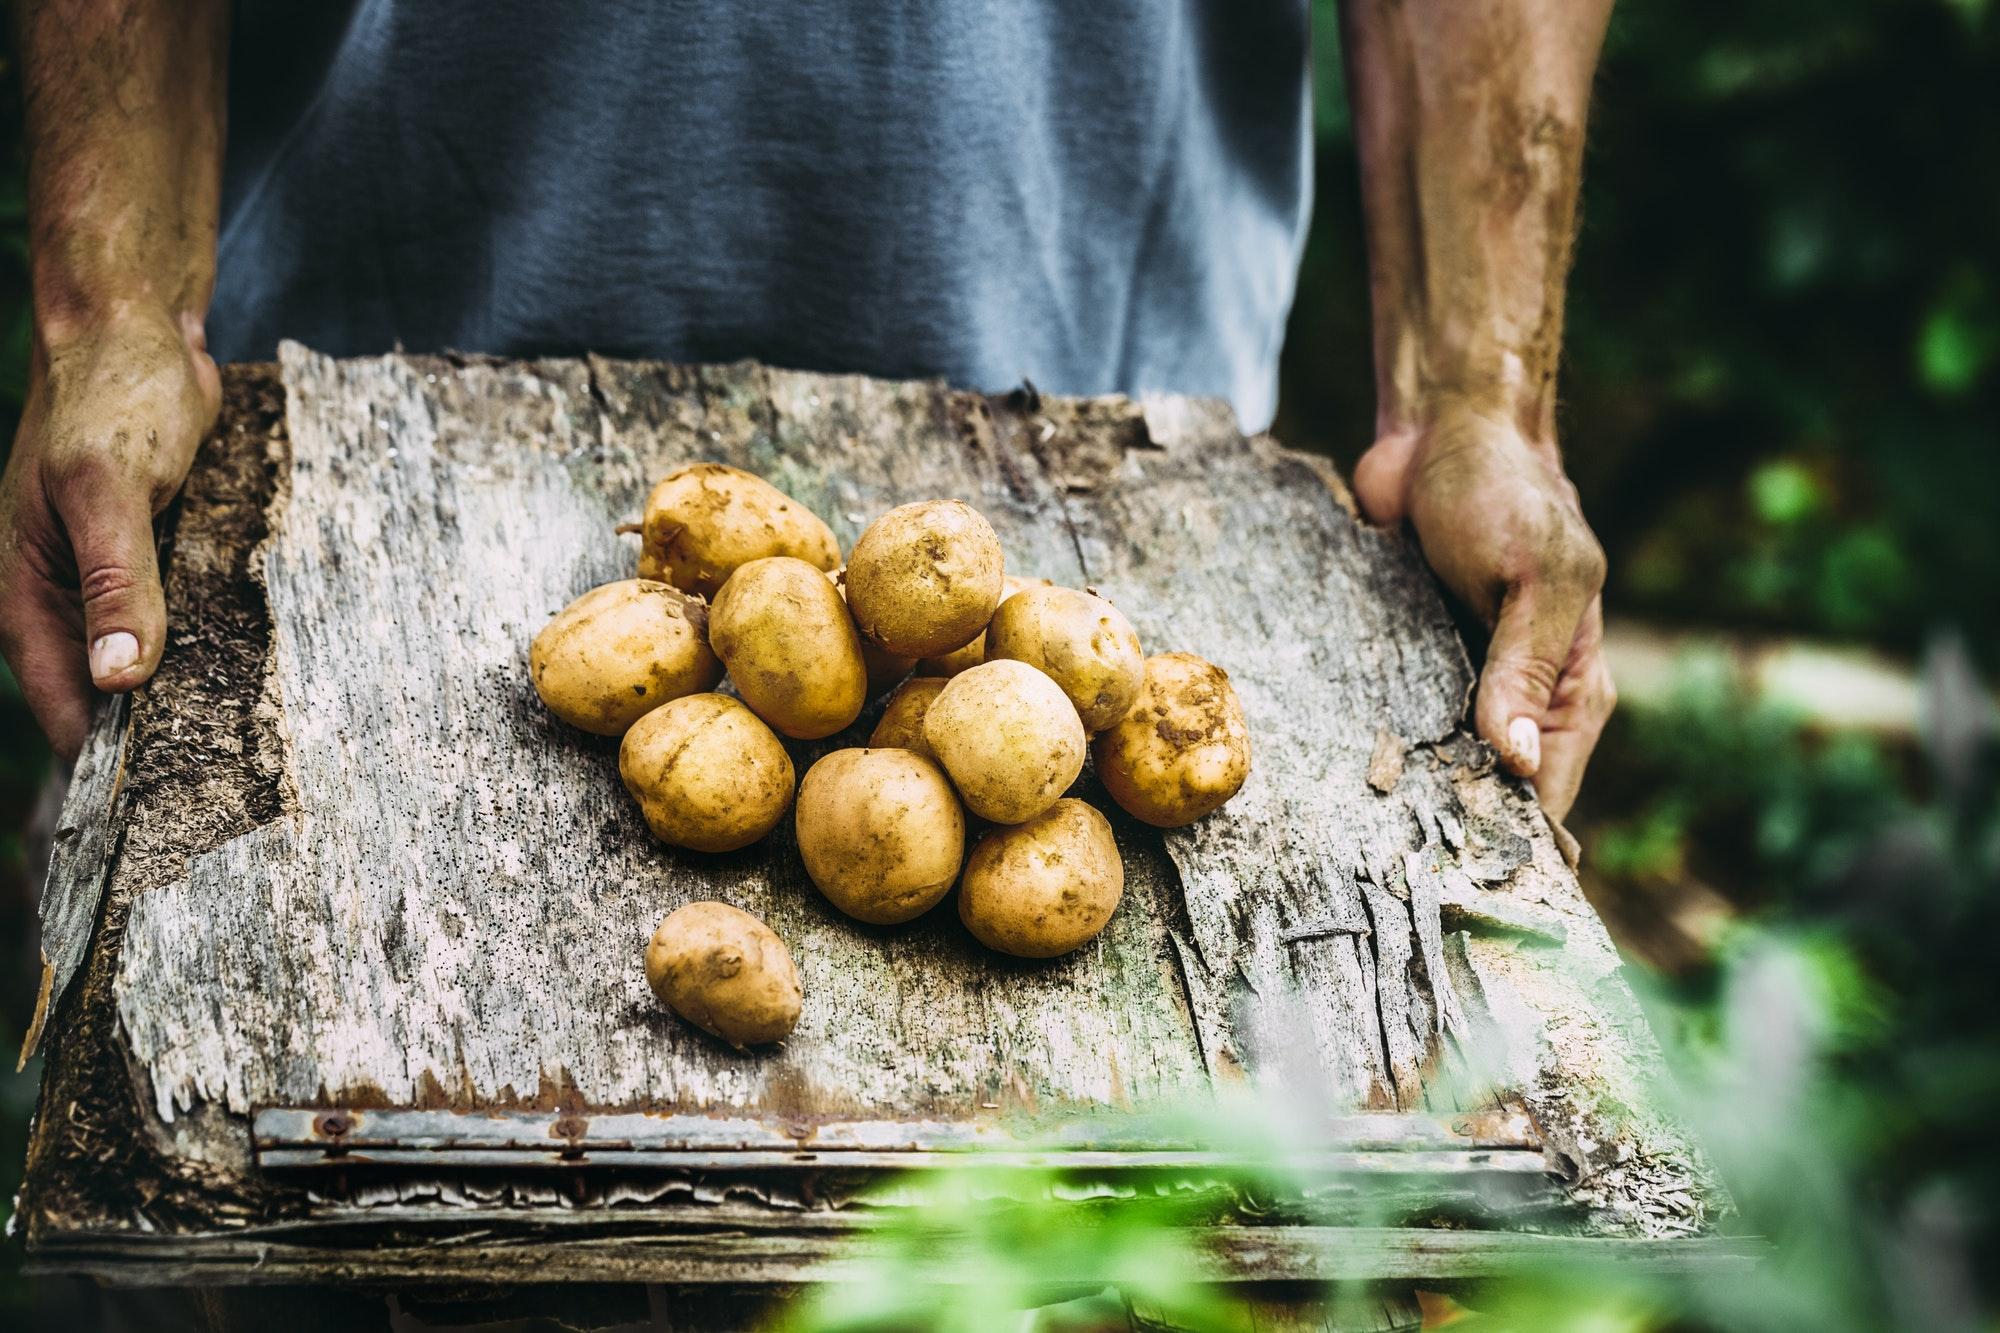 sweet potatoes in the garden